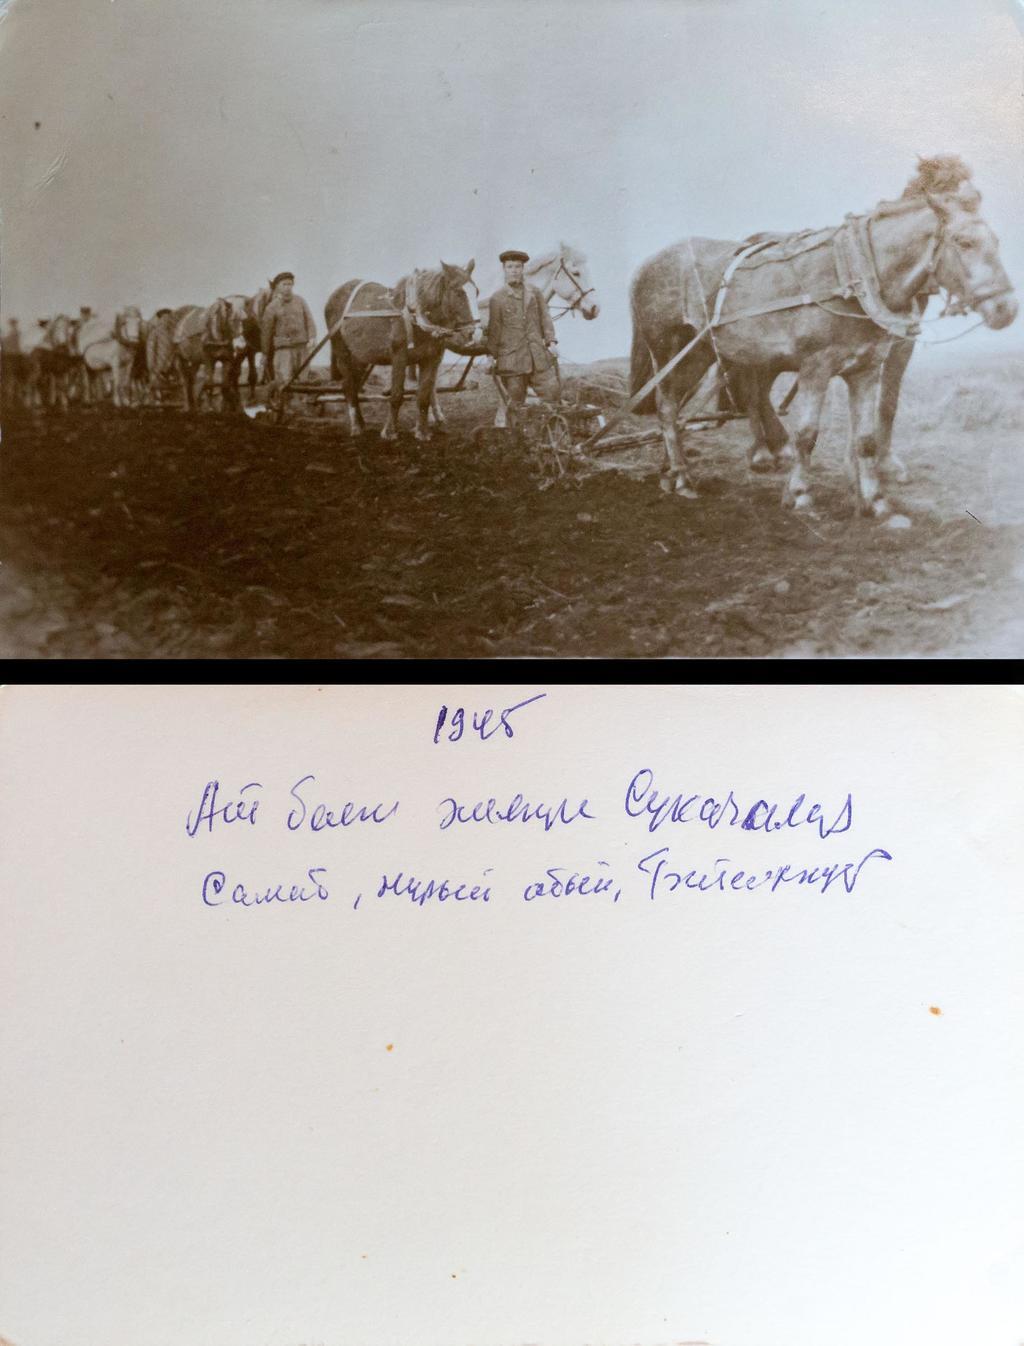 Фото. Колхозники на пахоте, 1945 ©Tatfrontu.ru Photo Archive